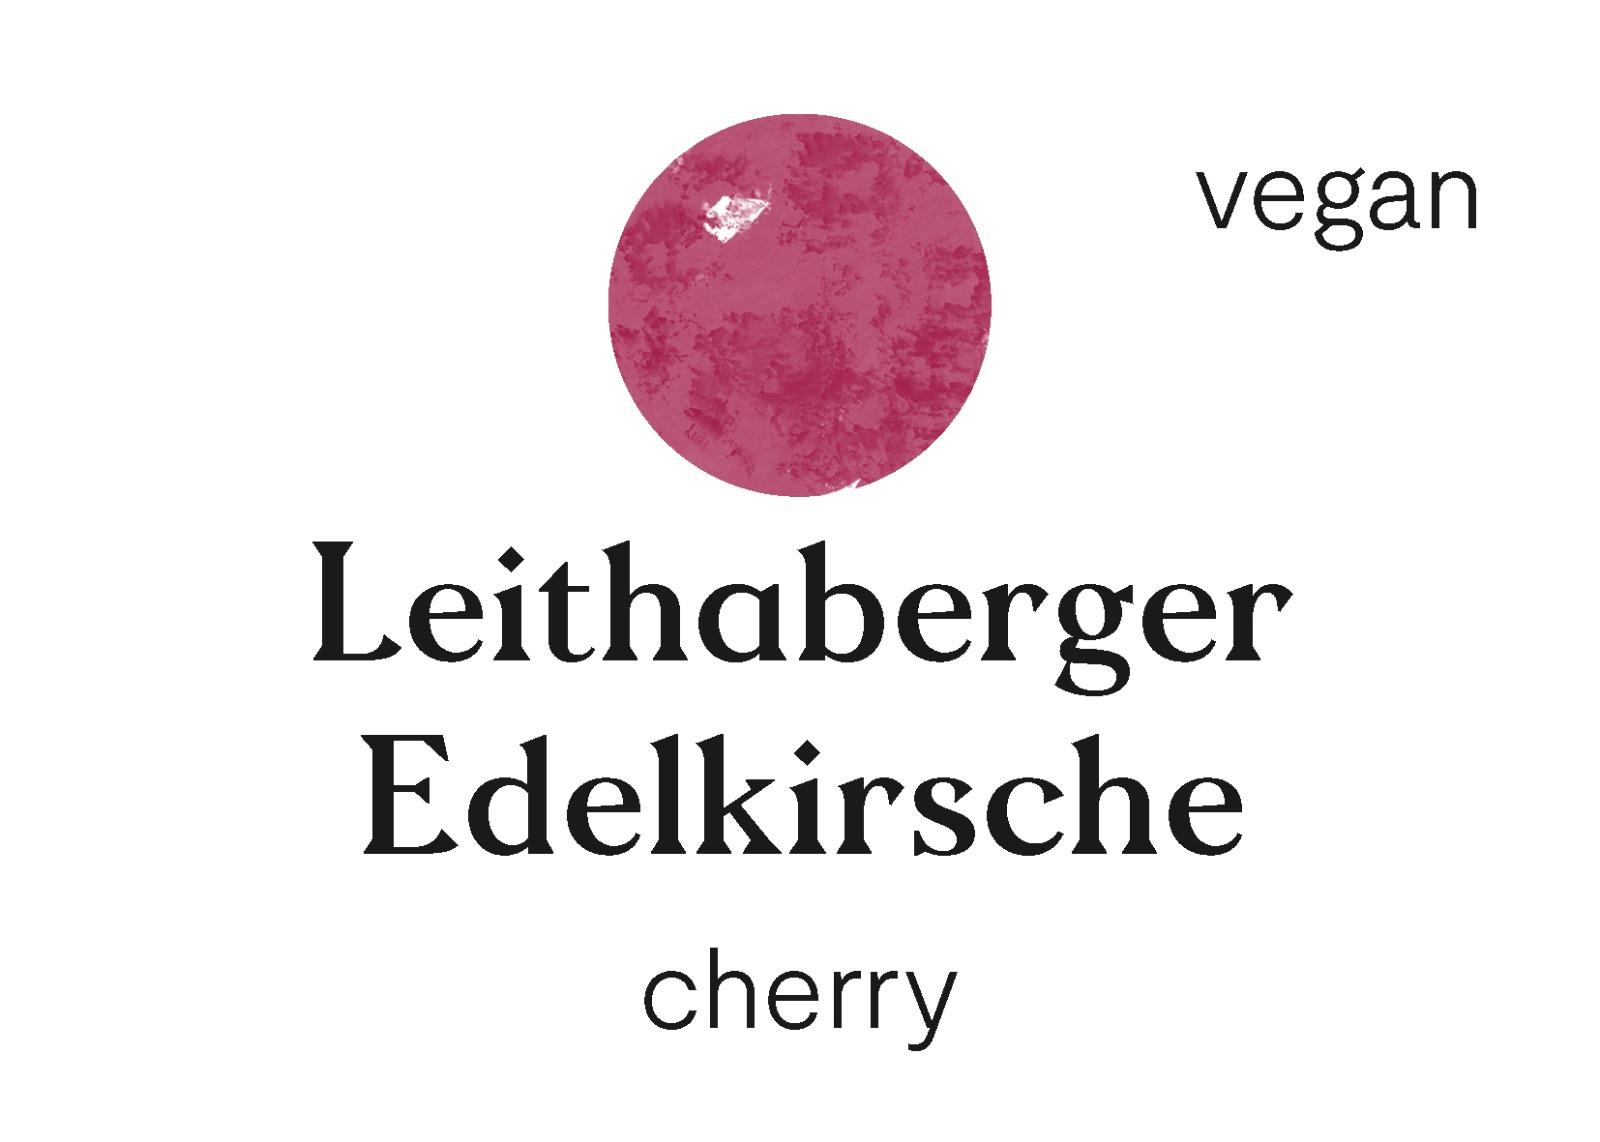 Leithaberger Edelkirsche